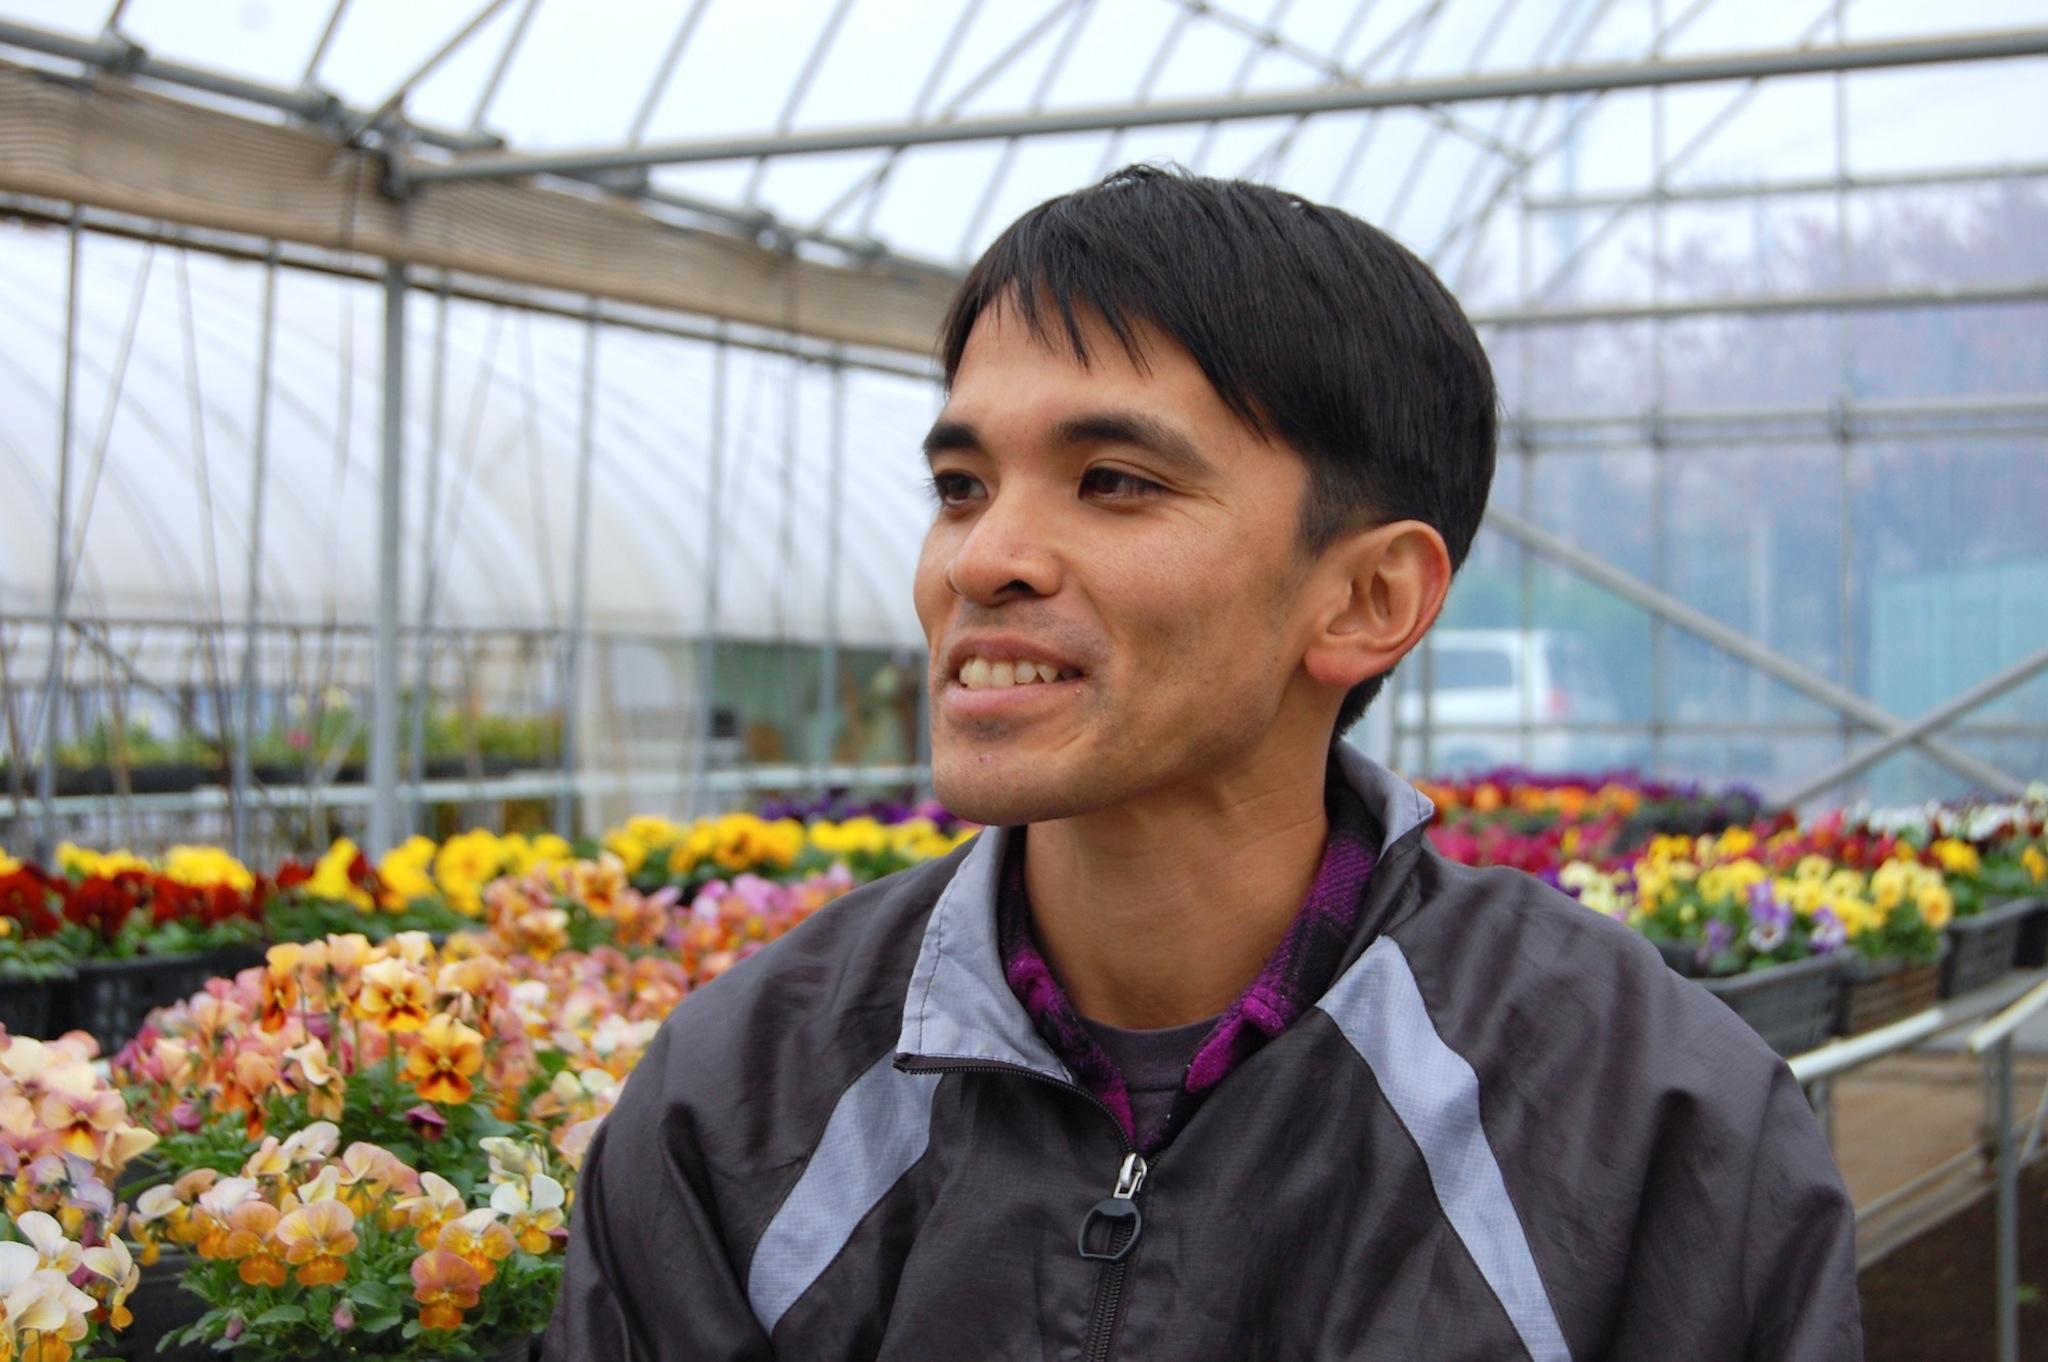 これからの花農家について話す海老澤一晃さん